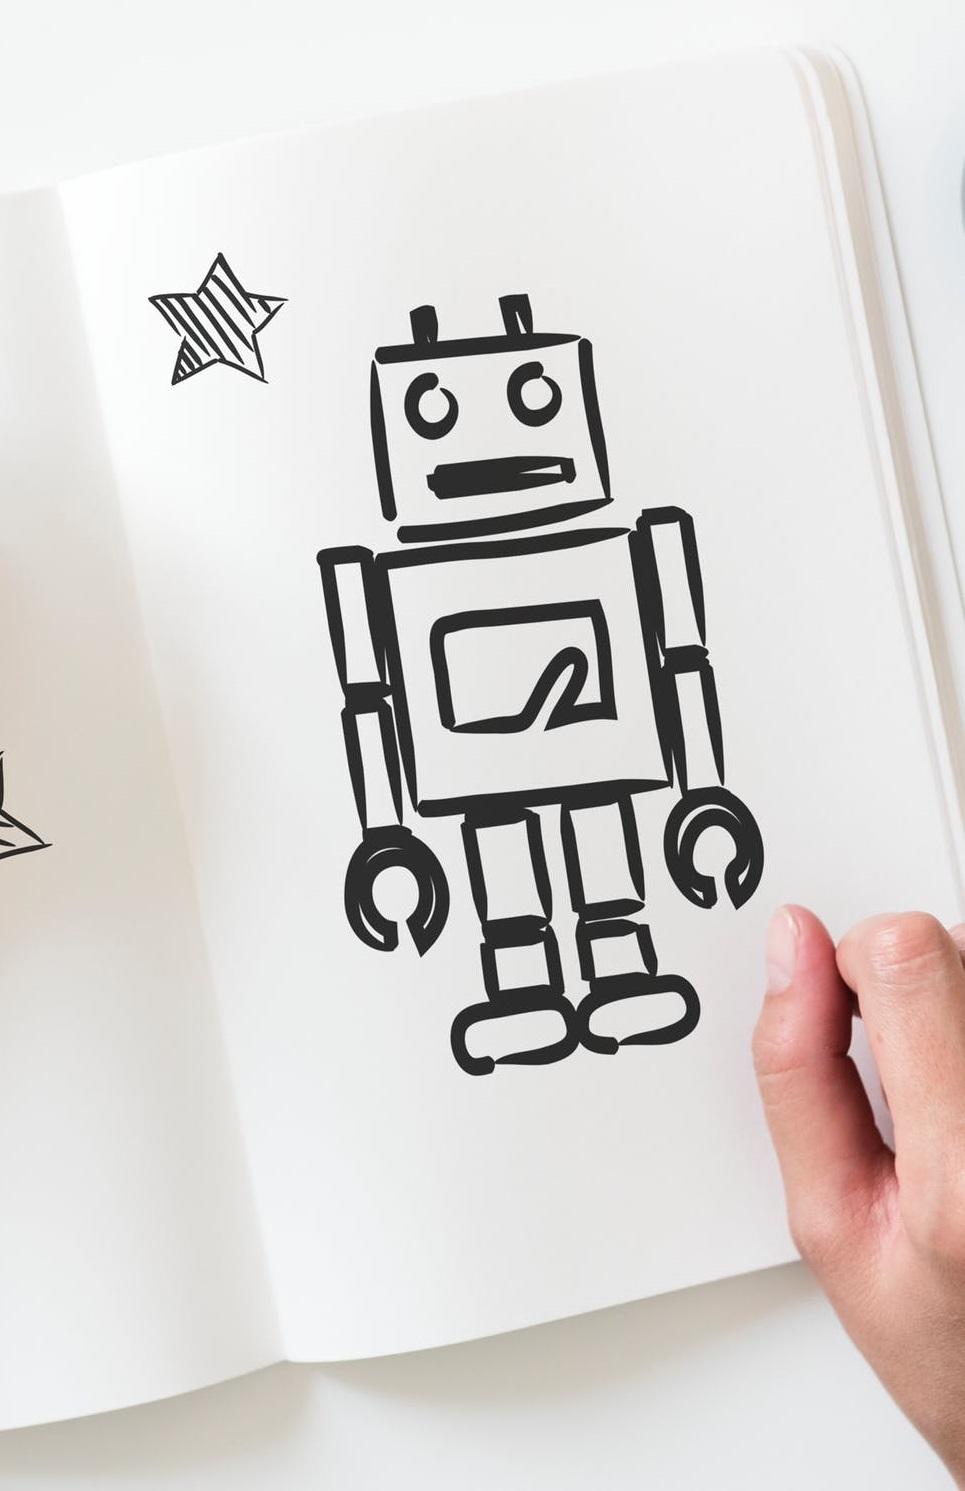 Plik robots.txt – czym jest i do czego służy? - SEO blog